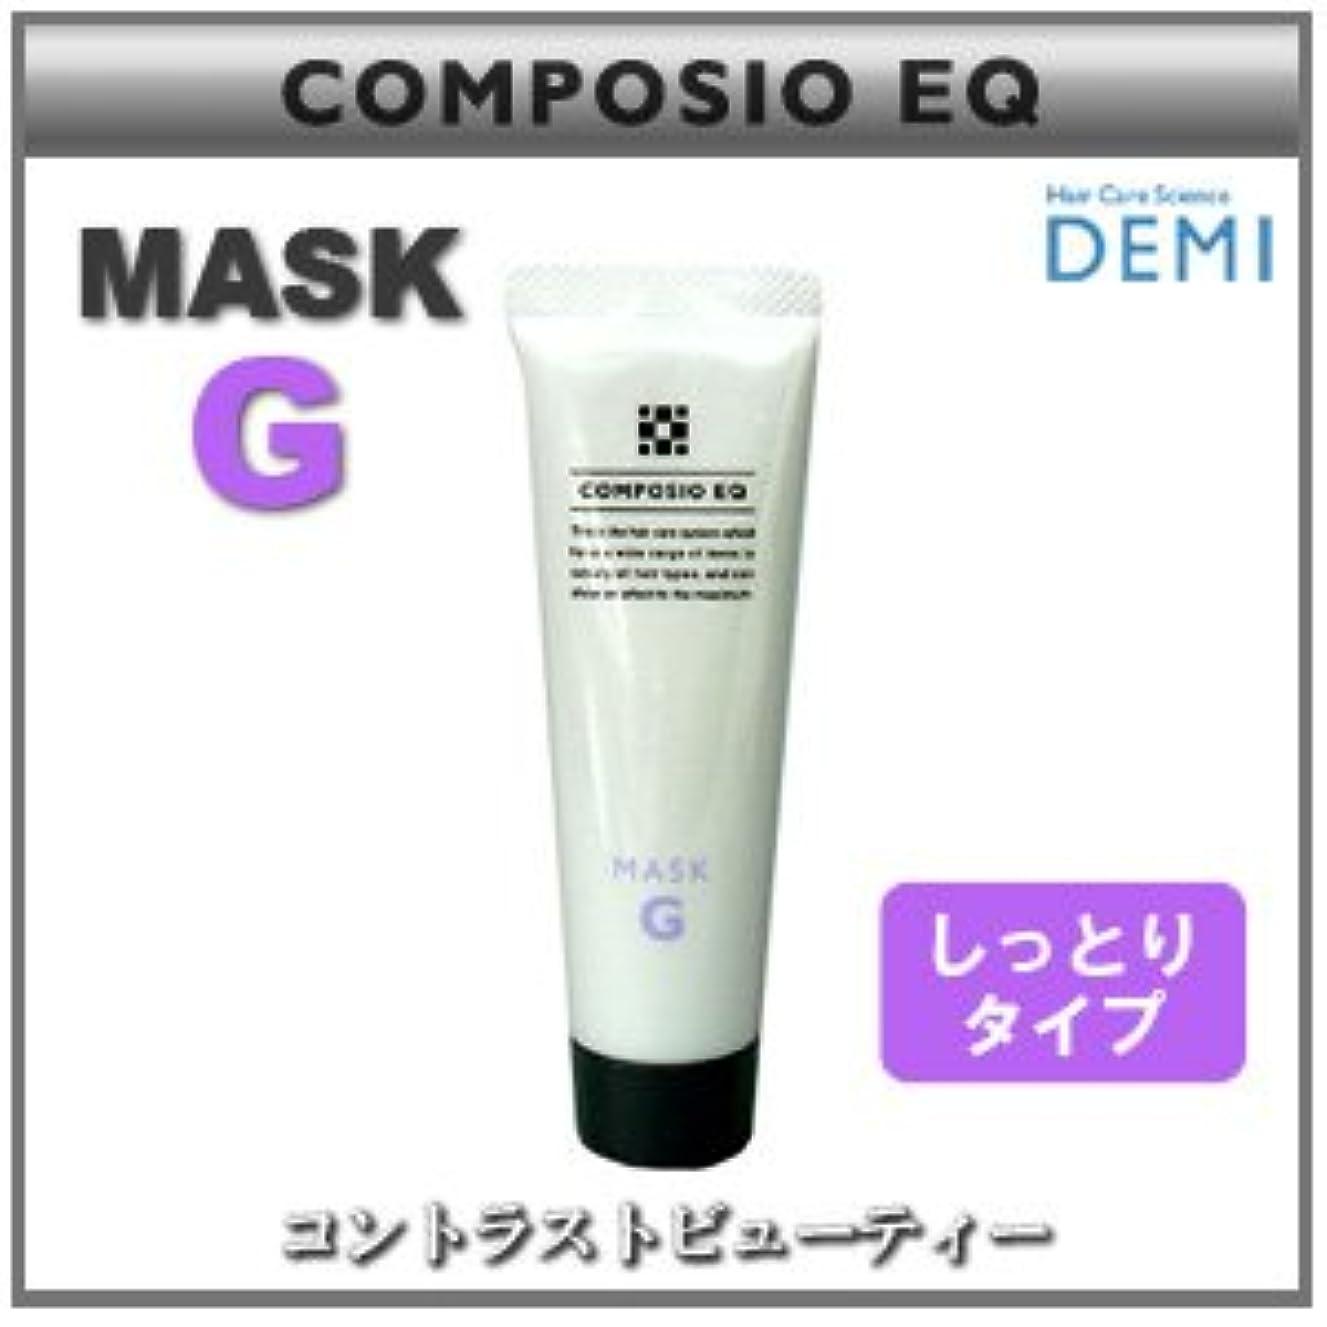 ティームジェム皿【X3個セット】 デミ コンポジオ EQ マスク G 50g